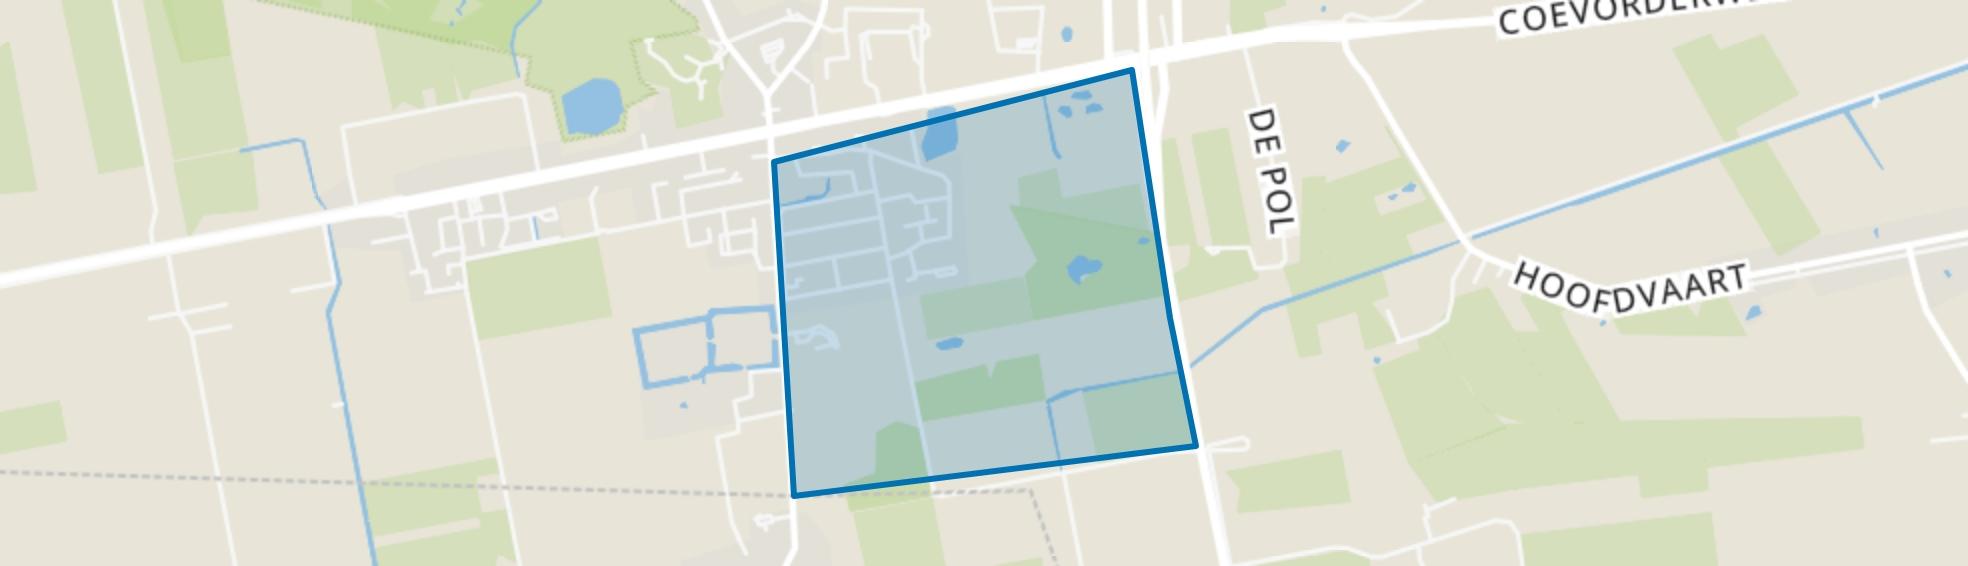 Balkbrug-Zuidoost, Balkbrug map